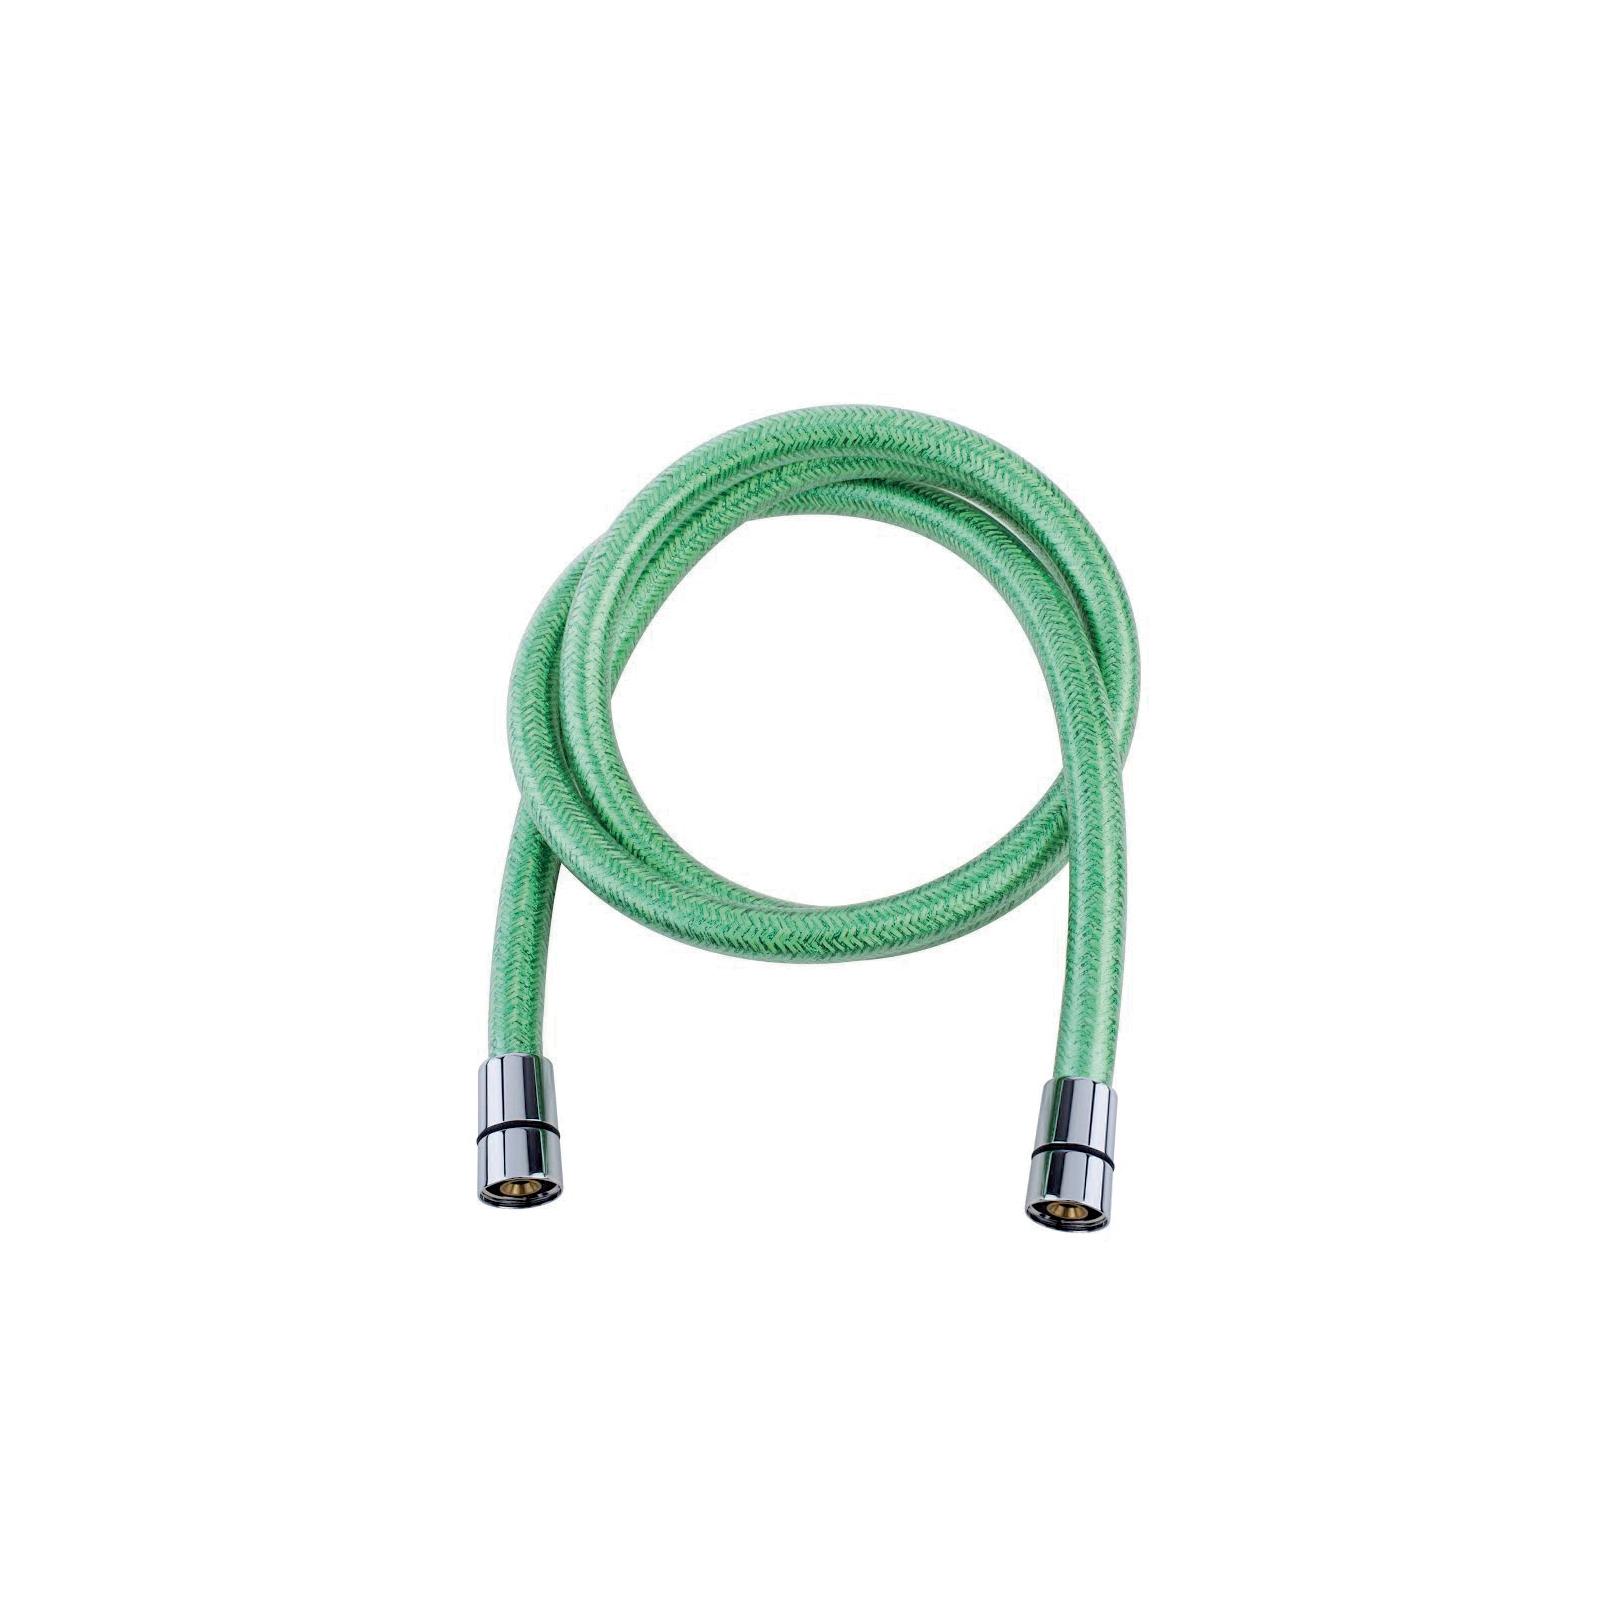 Flexible PVC shower hose 150 cm